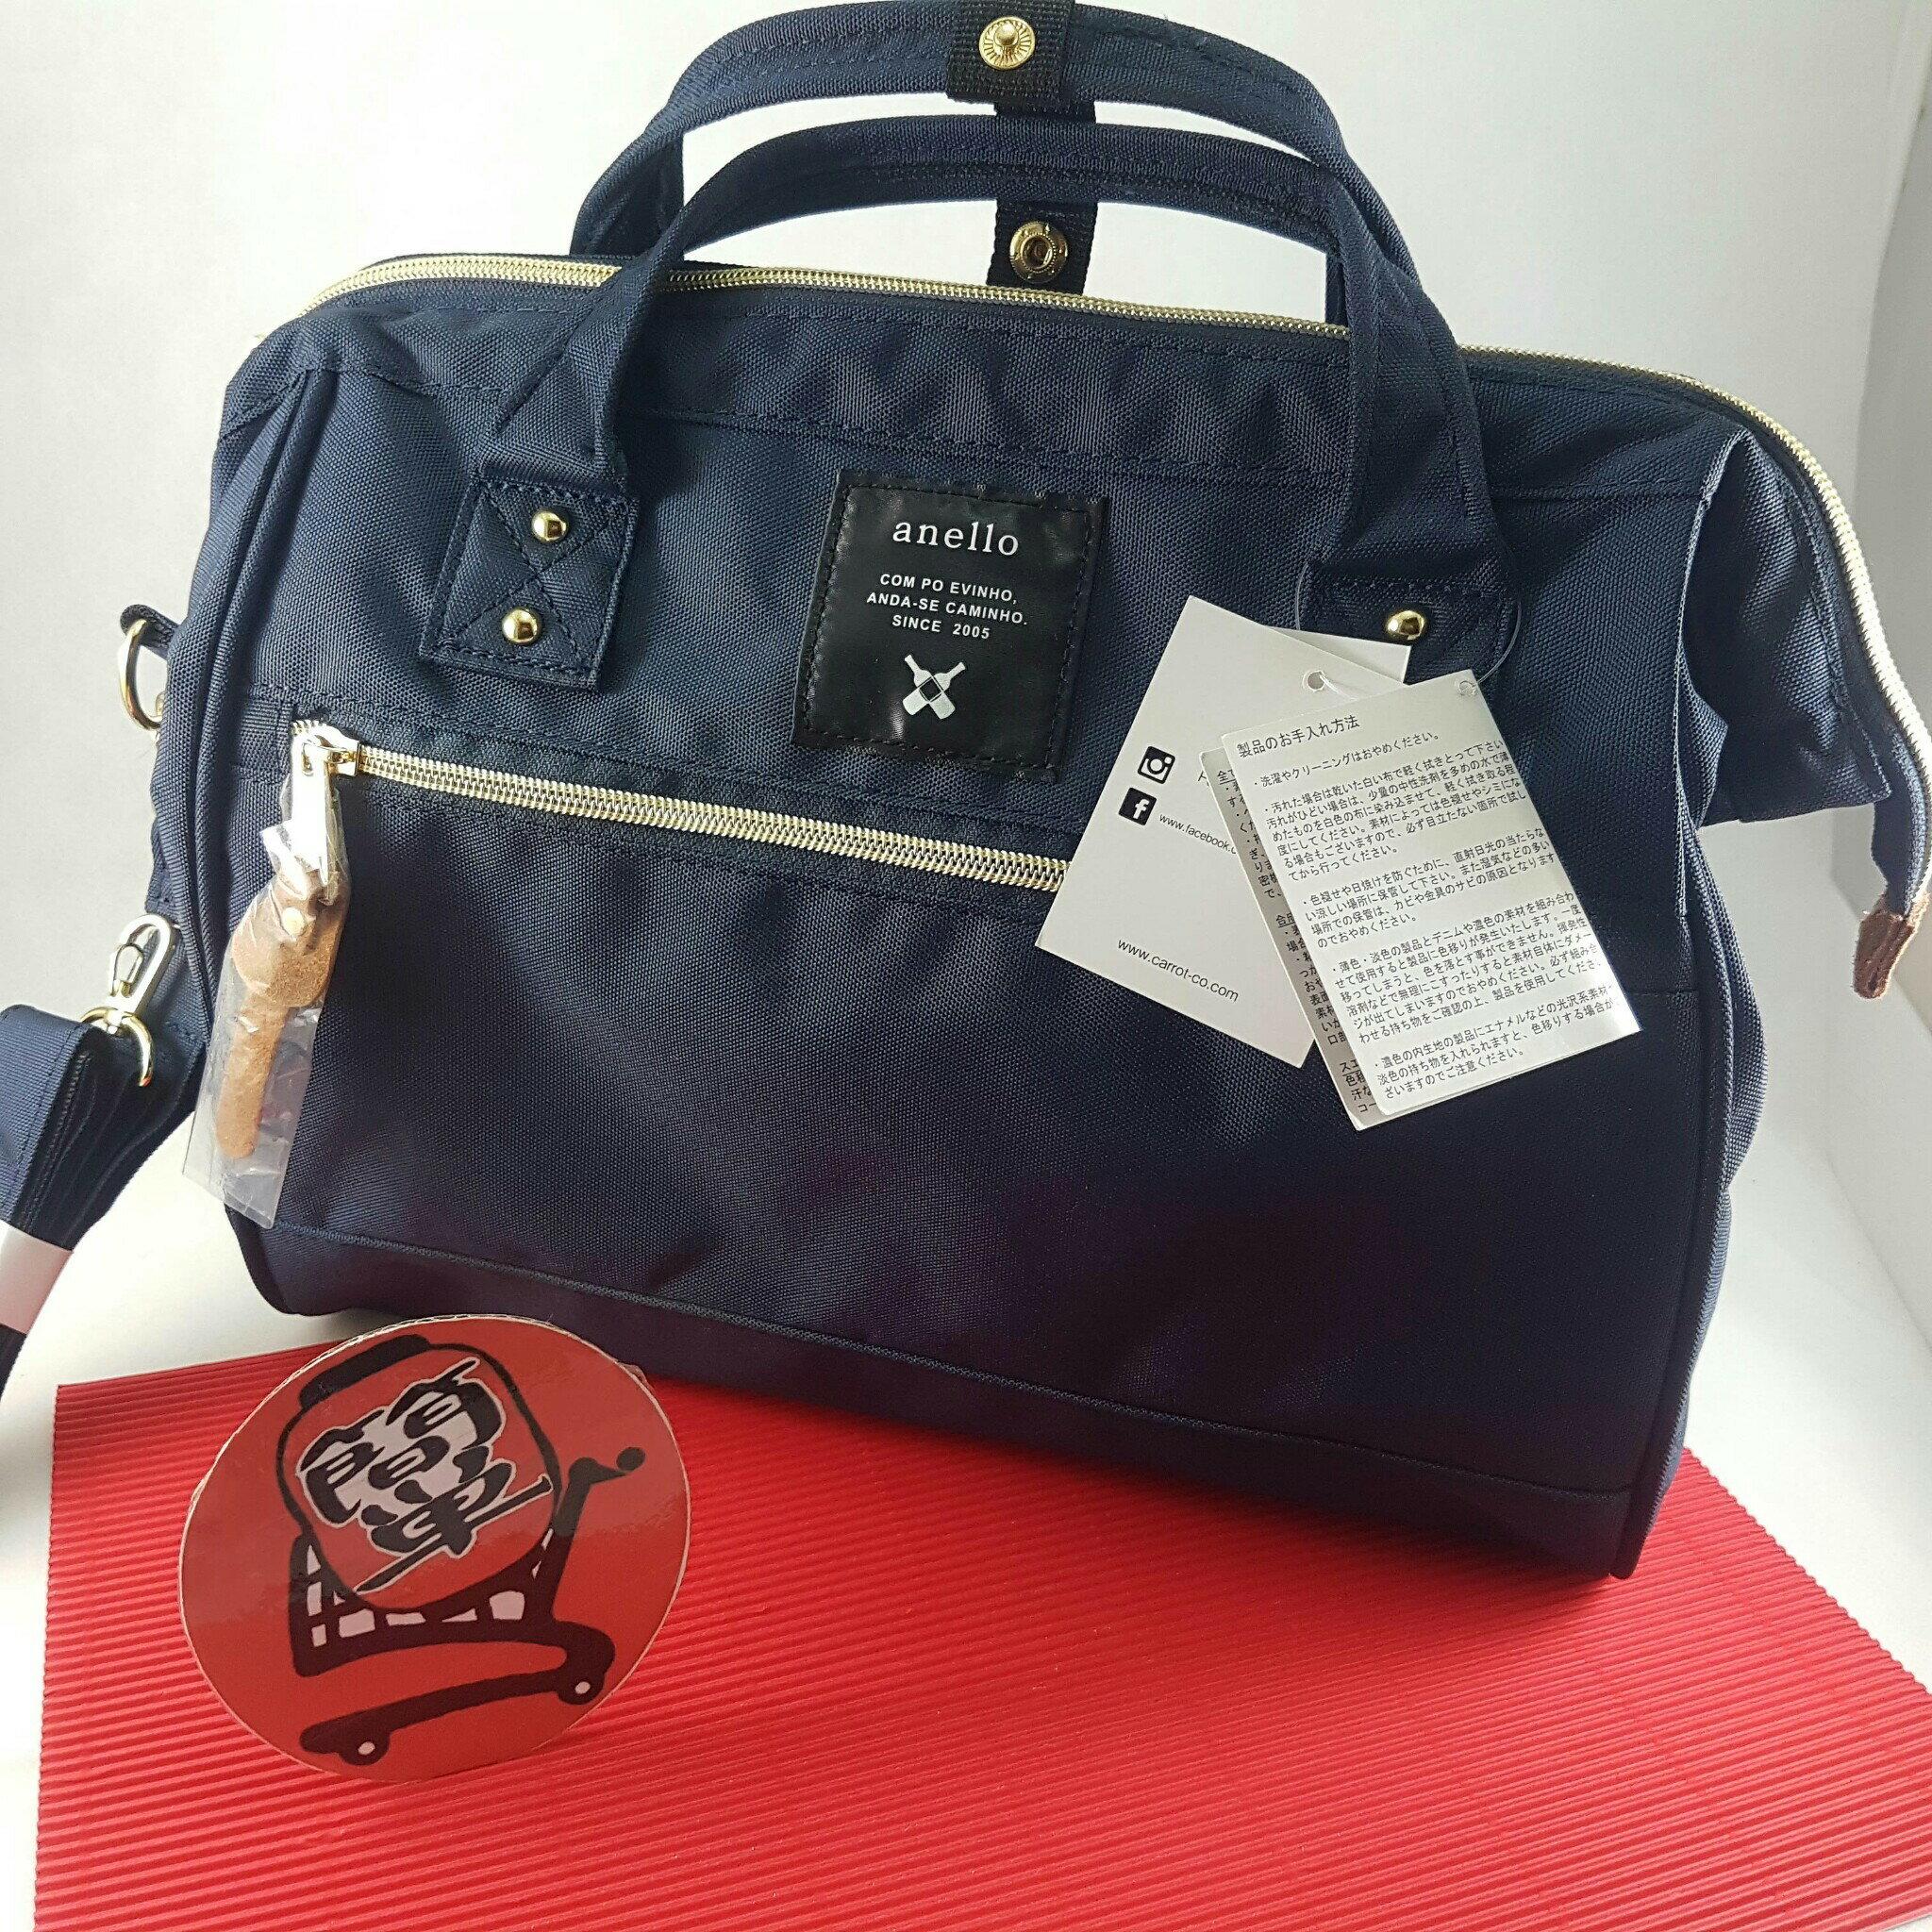 『簡単全球購』大尺寸側背-深藍 anello 新款側背包、手提包 2WAY 男女通用時尚包 大尺寸波